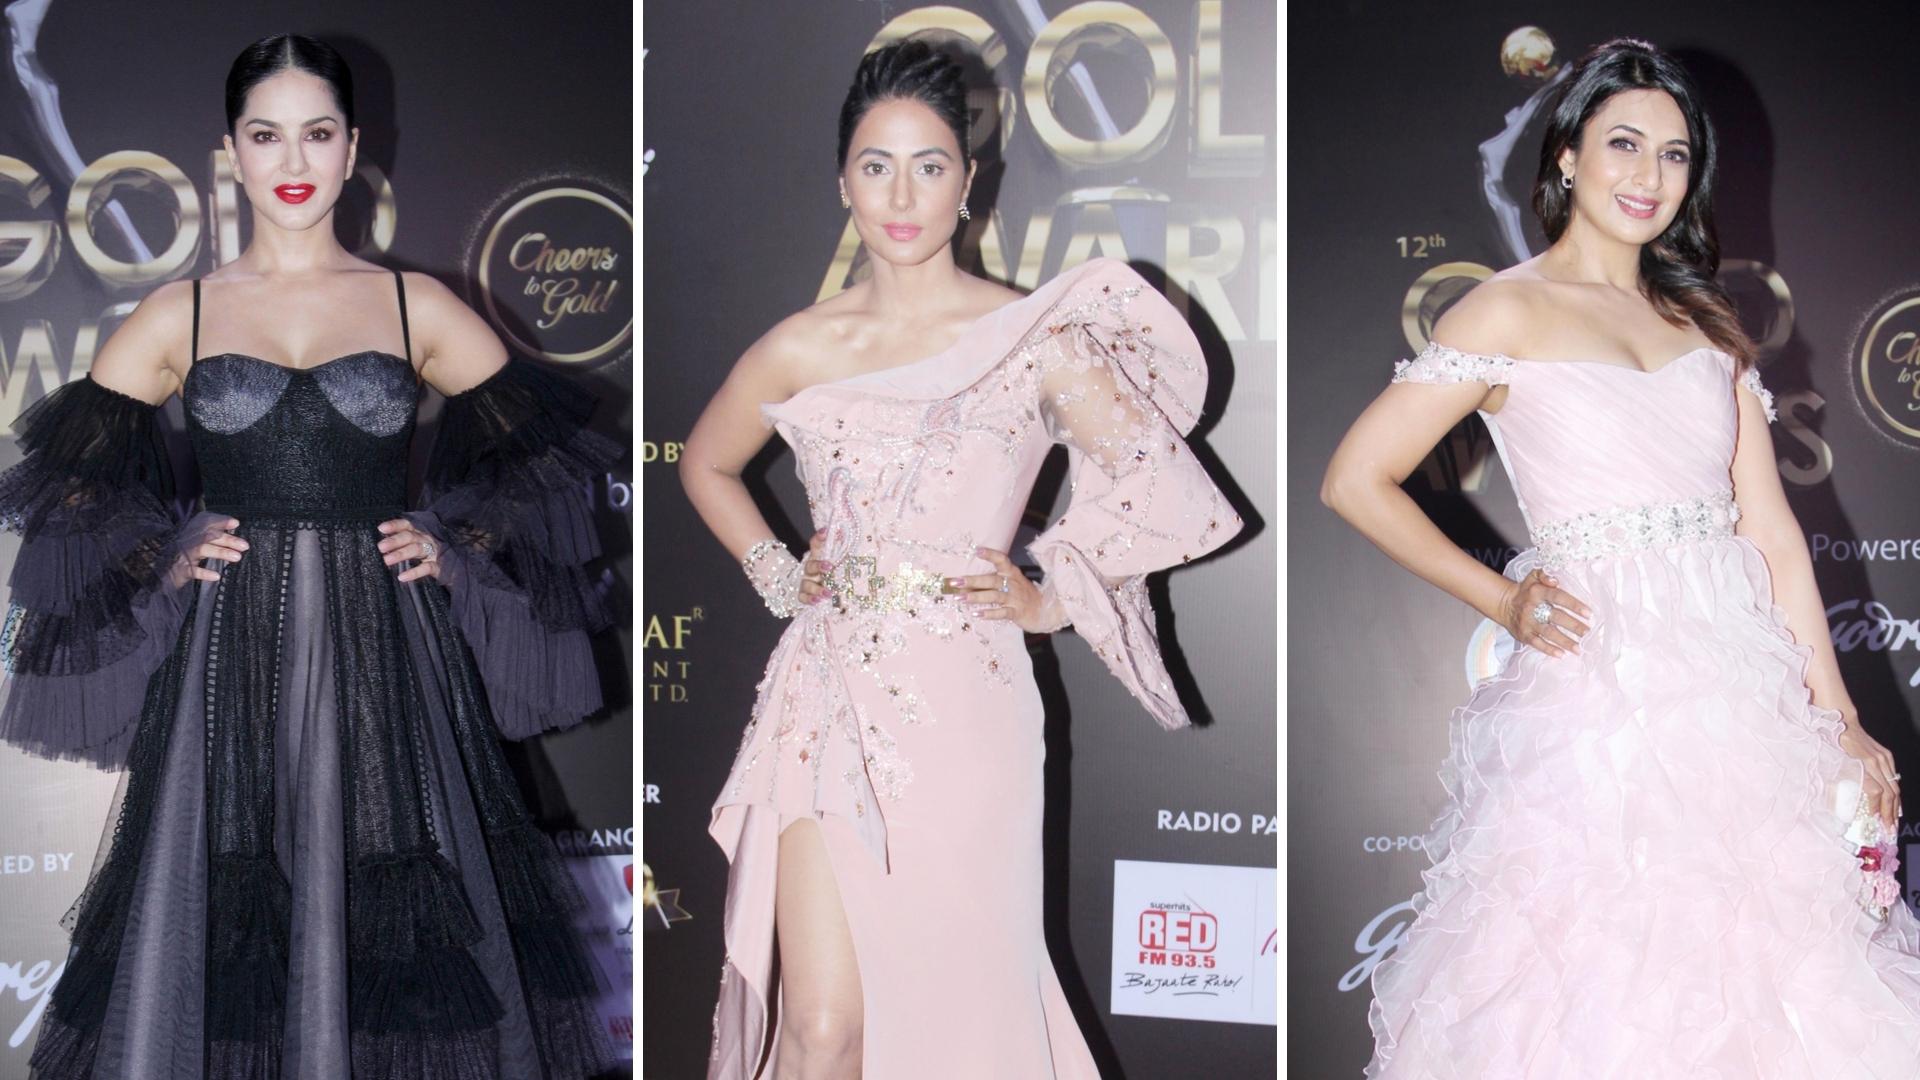 In Pics: Sunny, Hina, Divyanka & More at the Gold Awards 2019